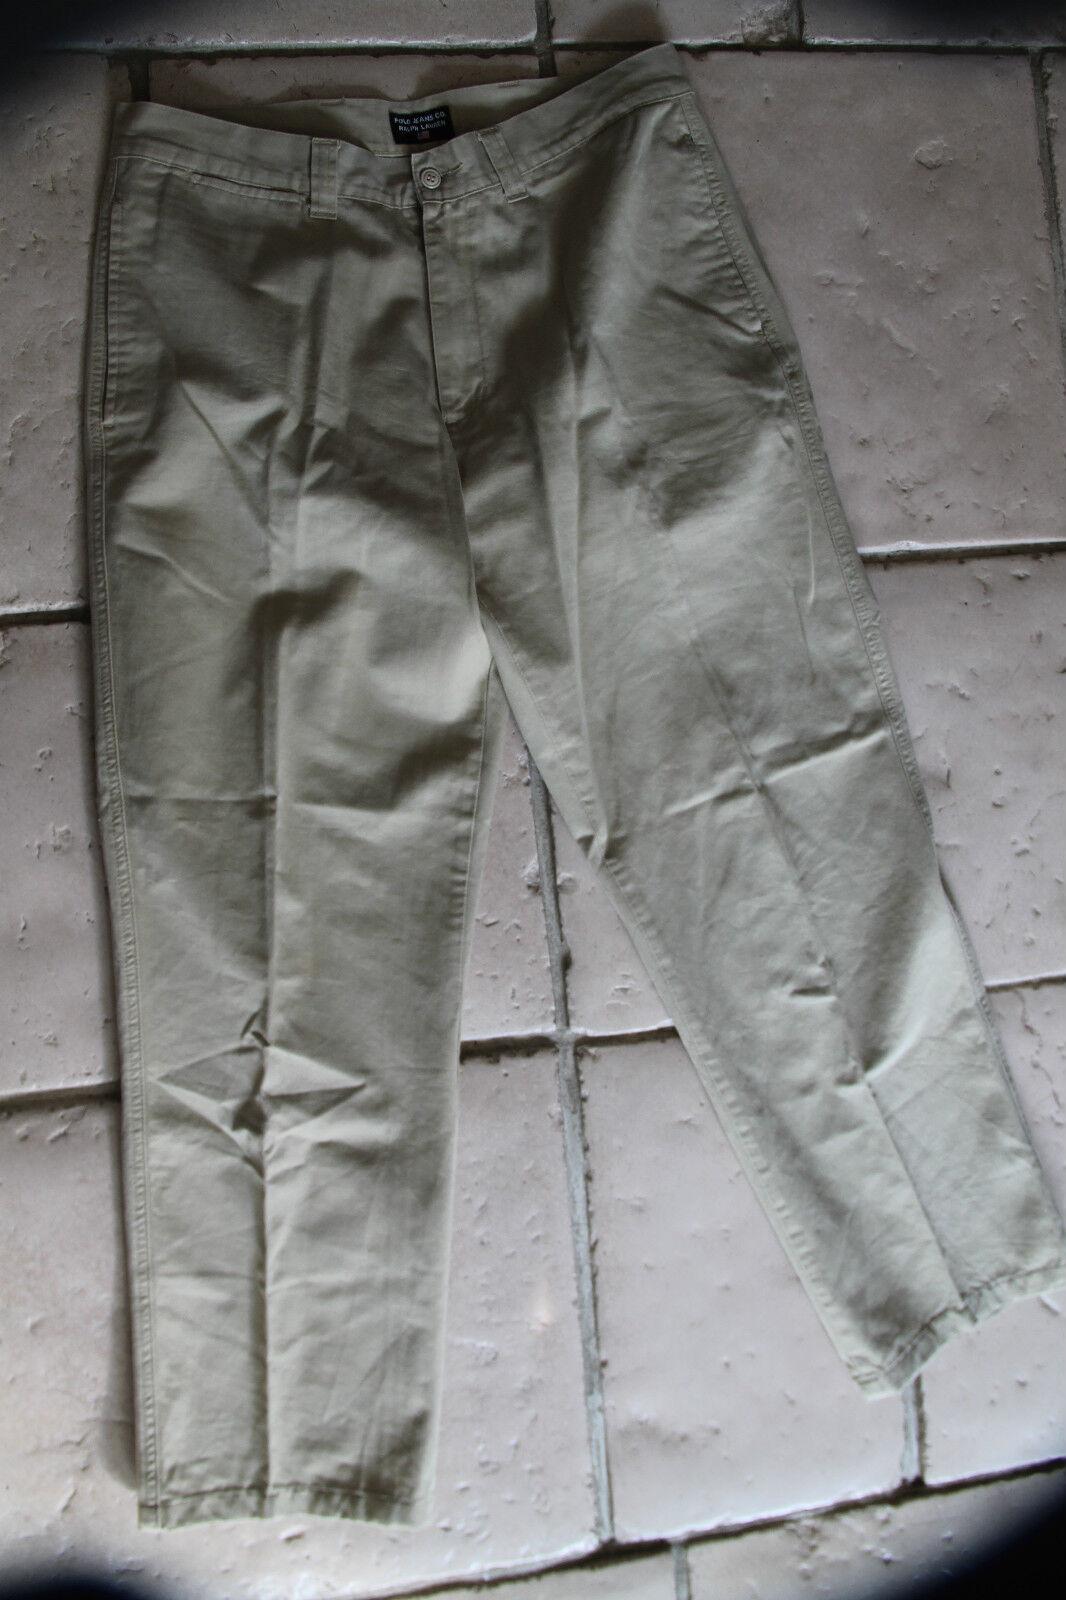 Pantaloni jeans beige POLO RALPH LAUREN taglia taglia taglia W36 L32 eccellenti condizioni 034d0c